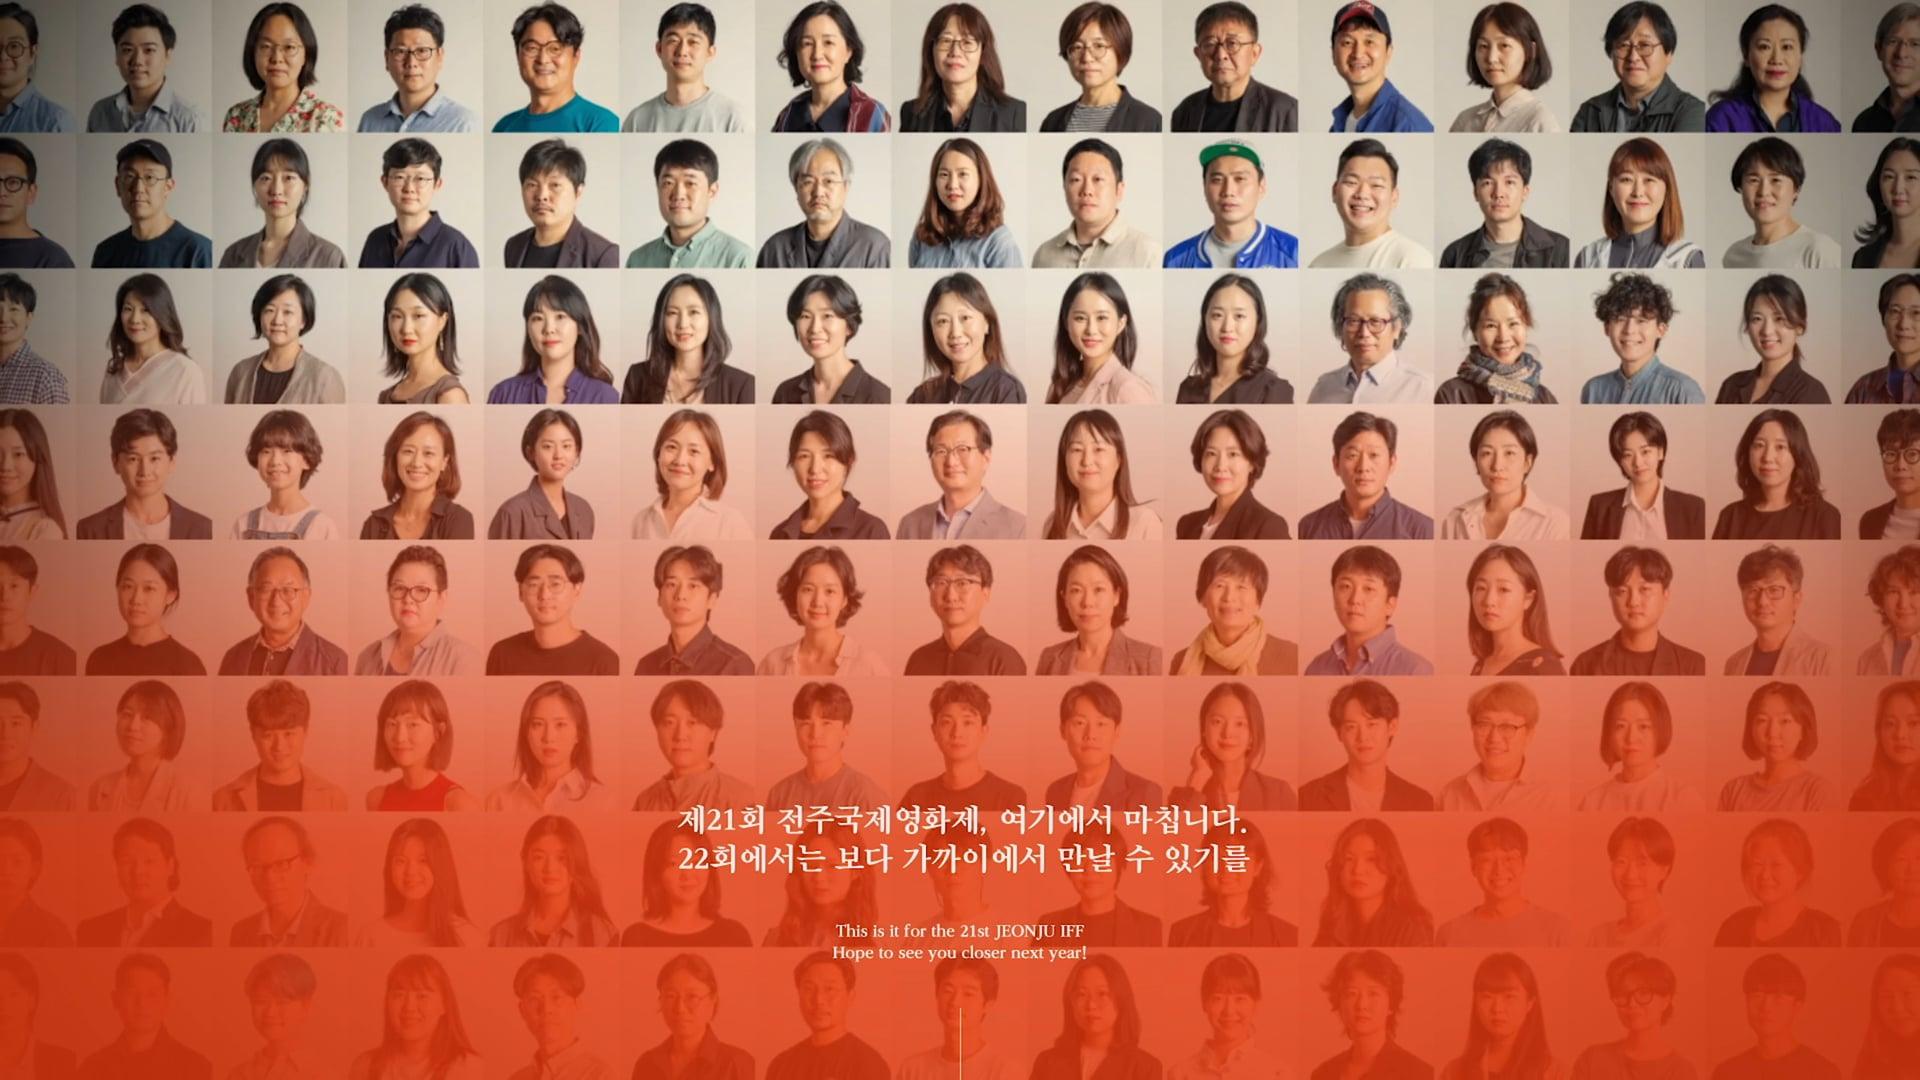 제21회 전주국제영화제 결산 영상